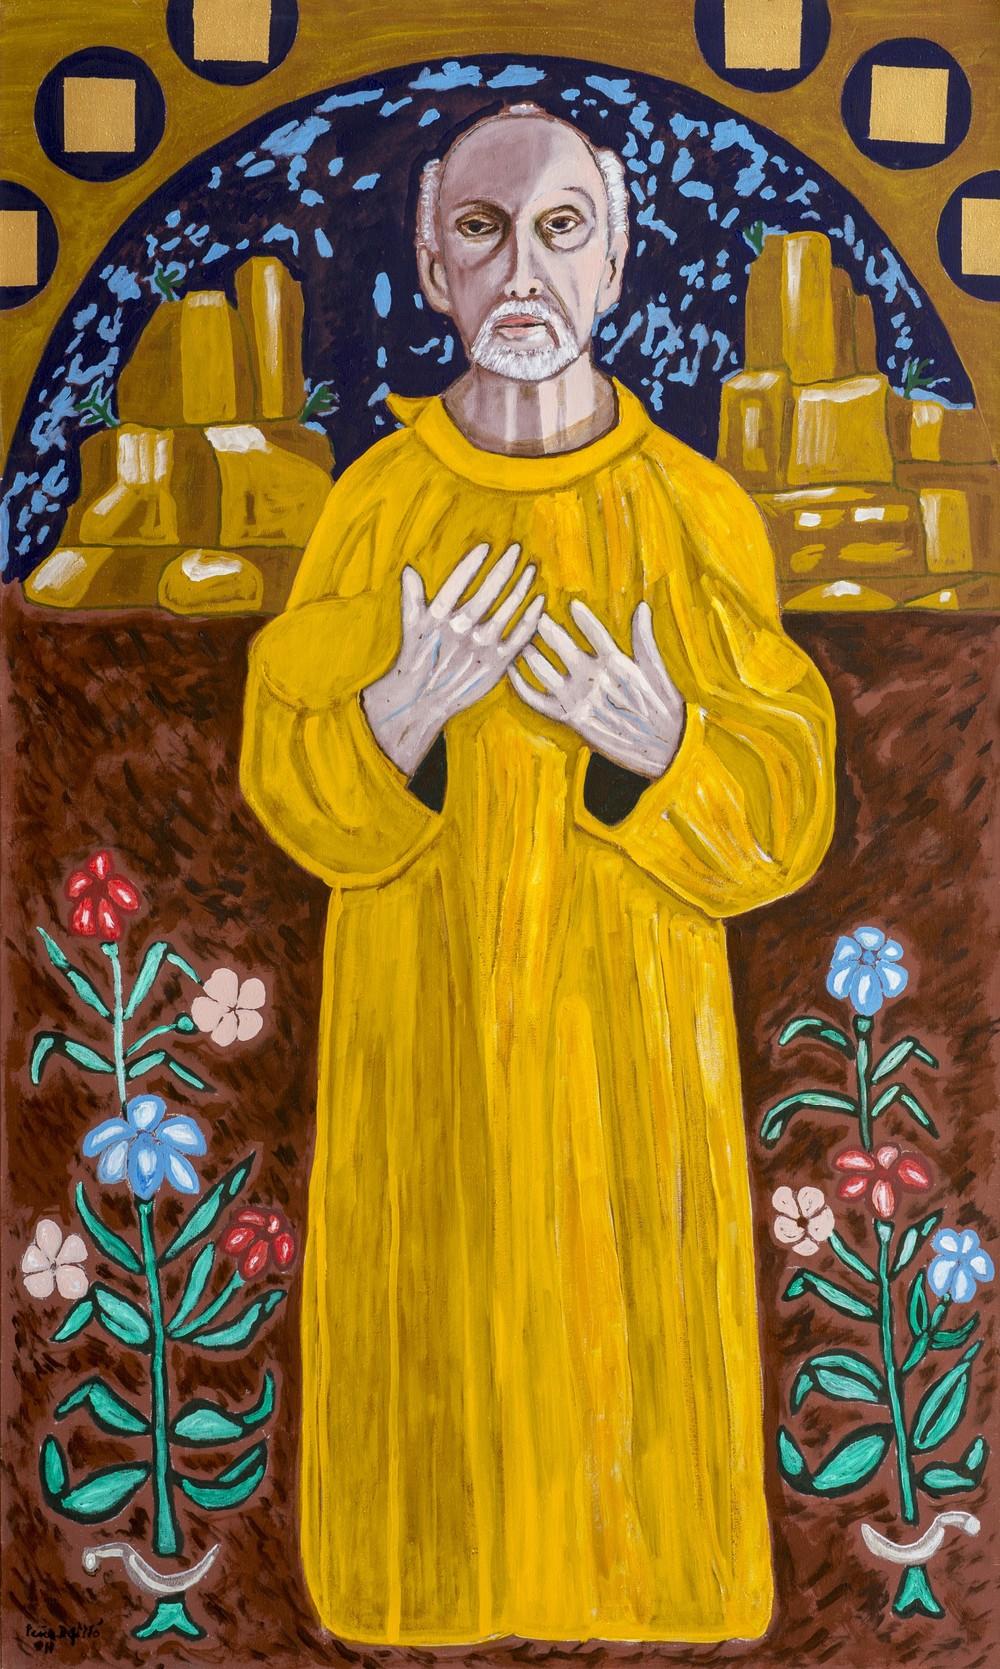 Autorretrato místico, 2011.